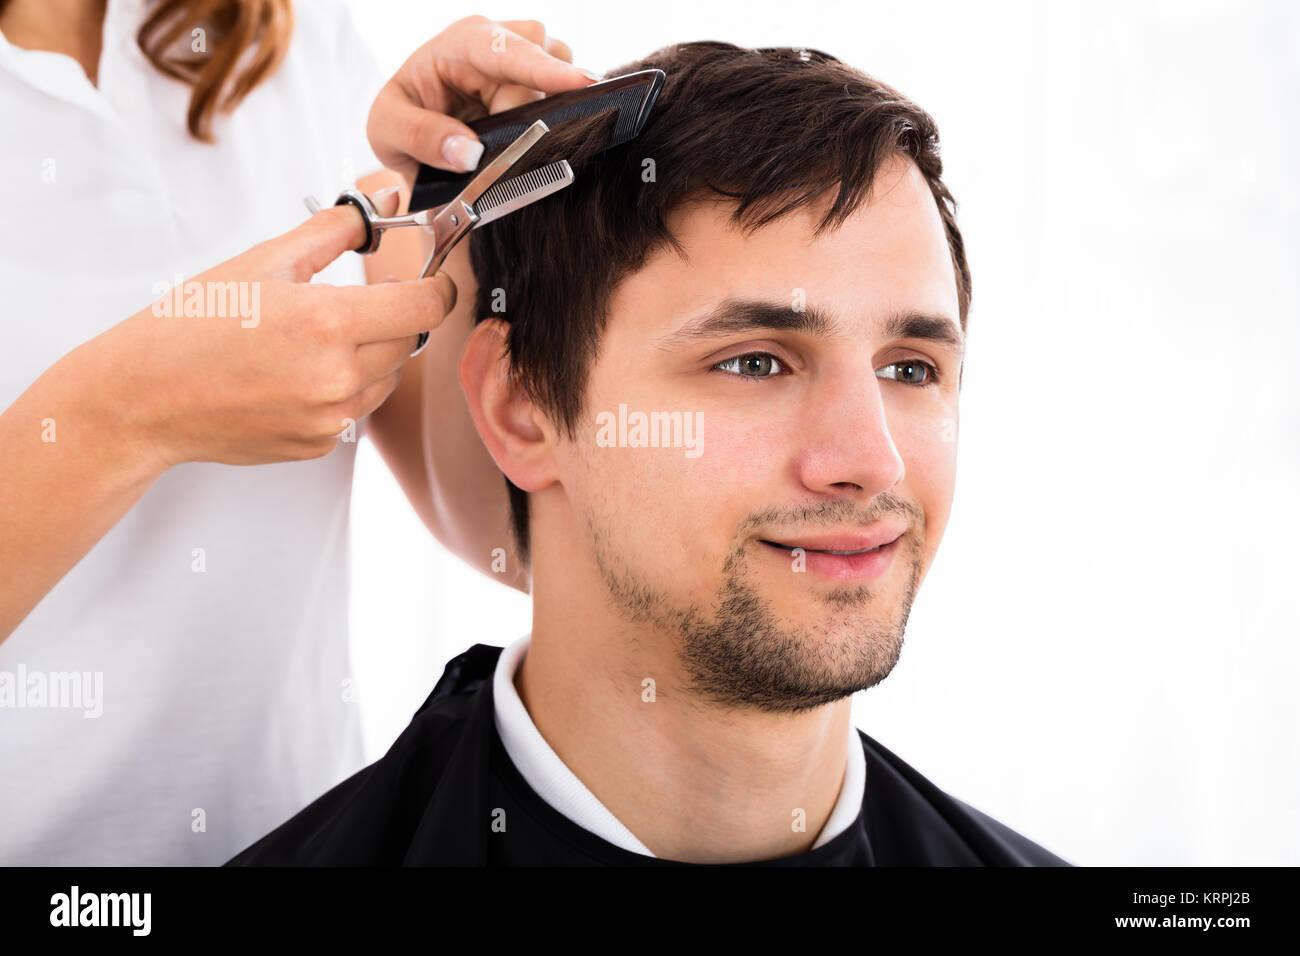 Getting A Haircut 29